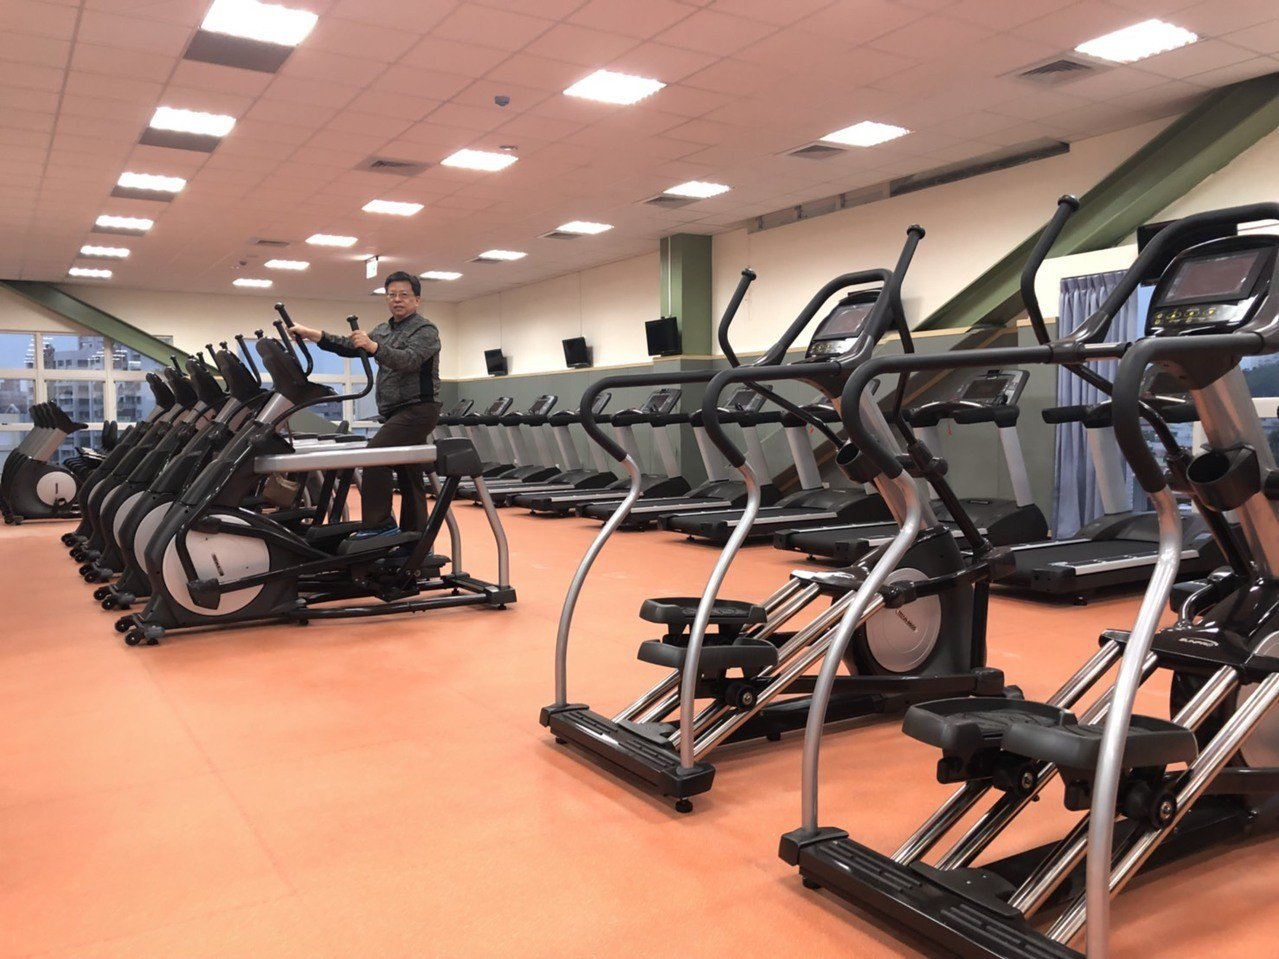 體適能中心約150坪,規畫有跑步機、重訓區、有氧區等。記者王慧瑛/攝影